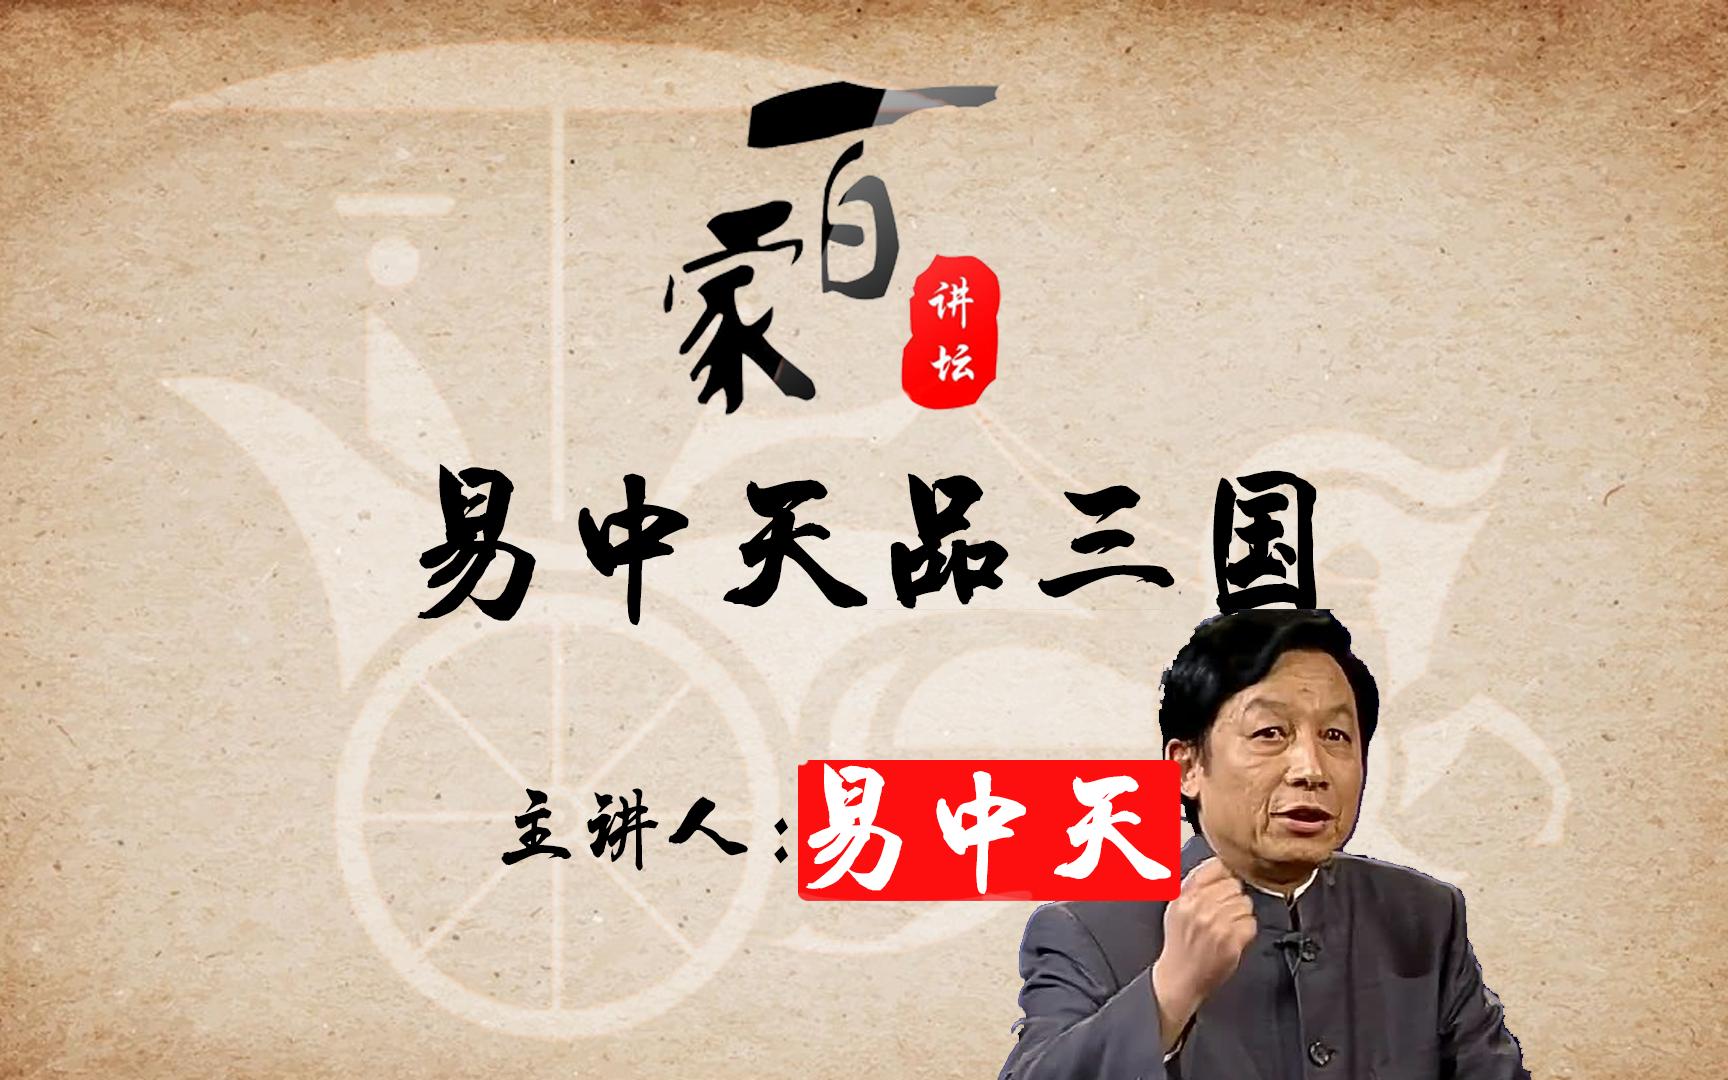 【纪录片】百家讲坛之易中天品三国